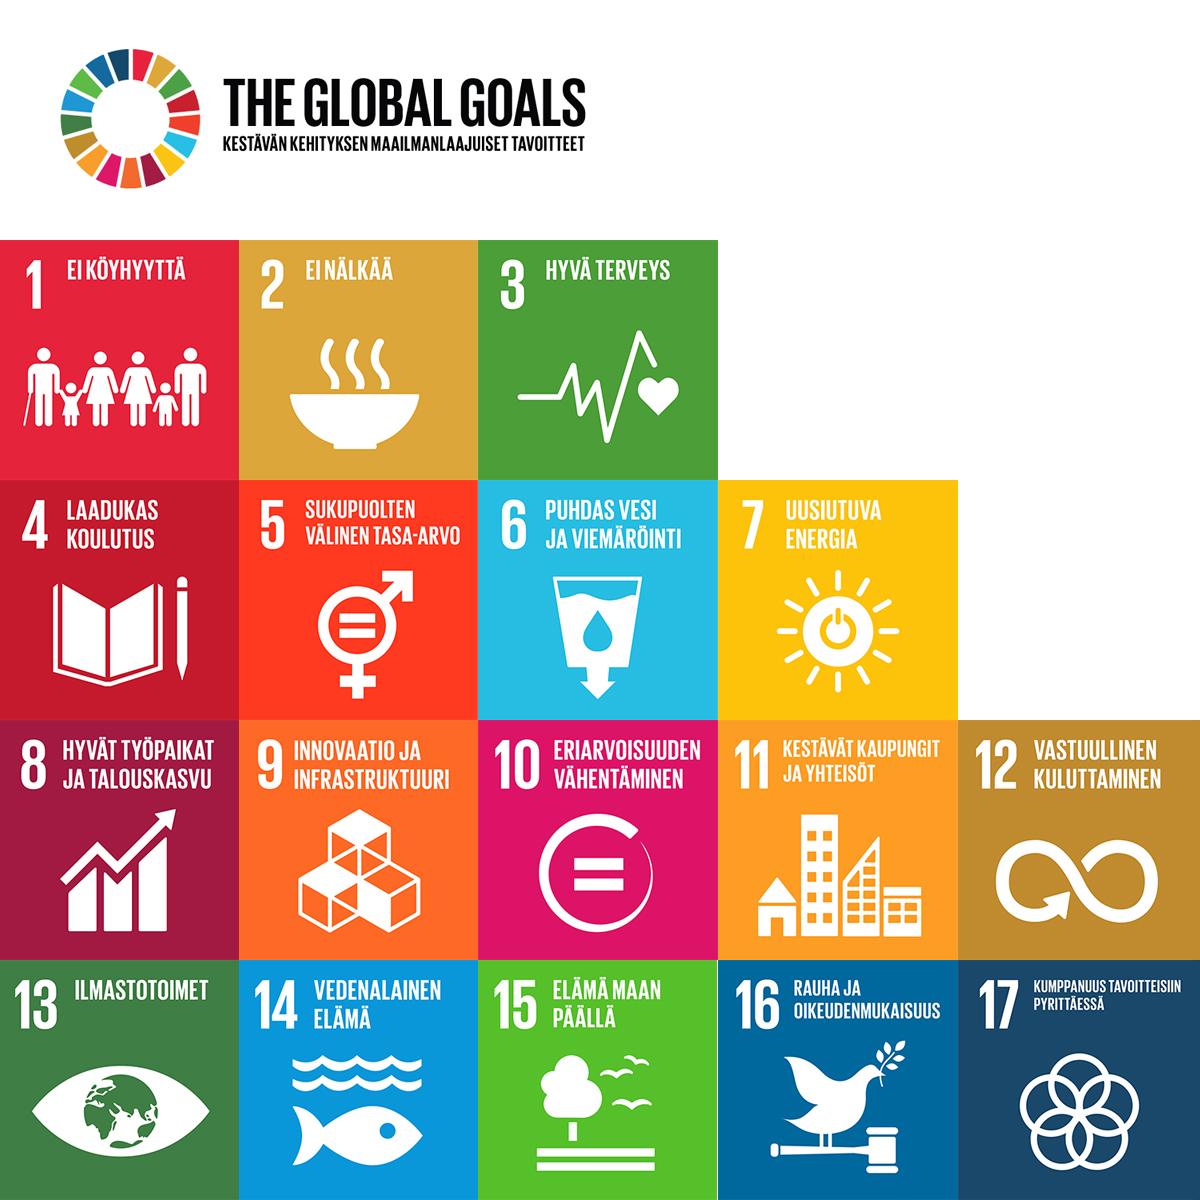 Kestävän kehityksen tavoitteita on 17.